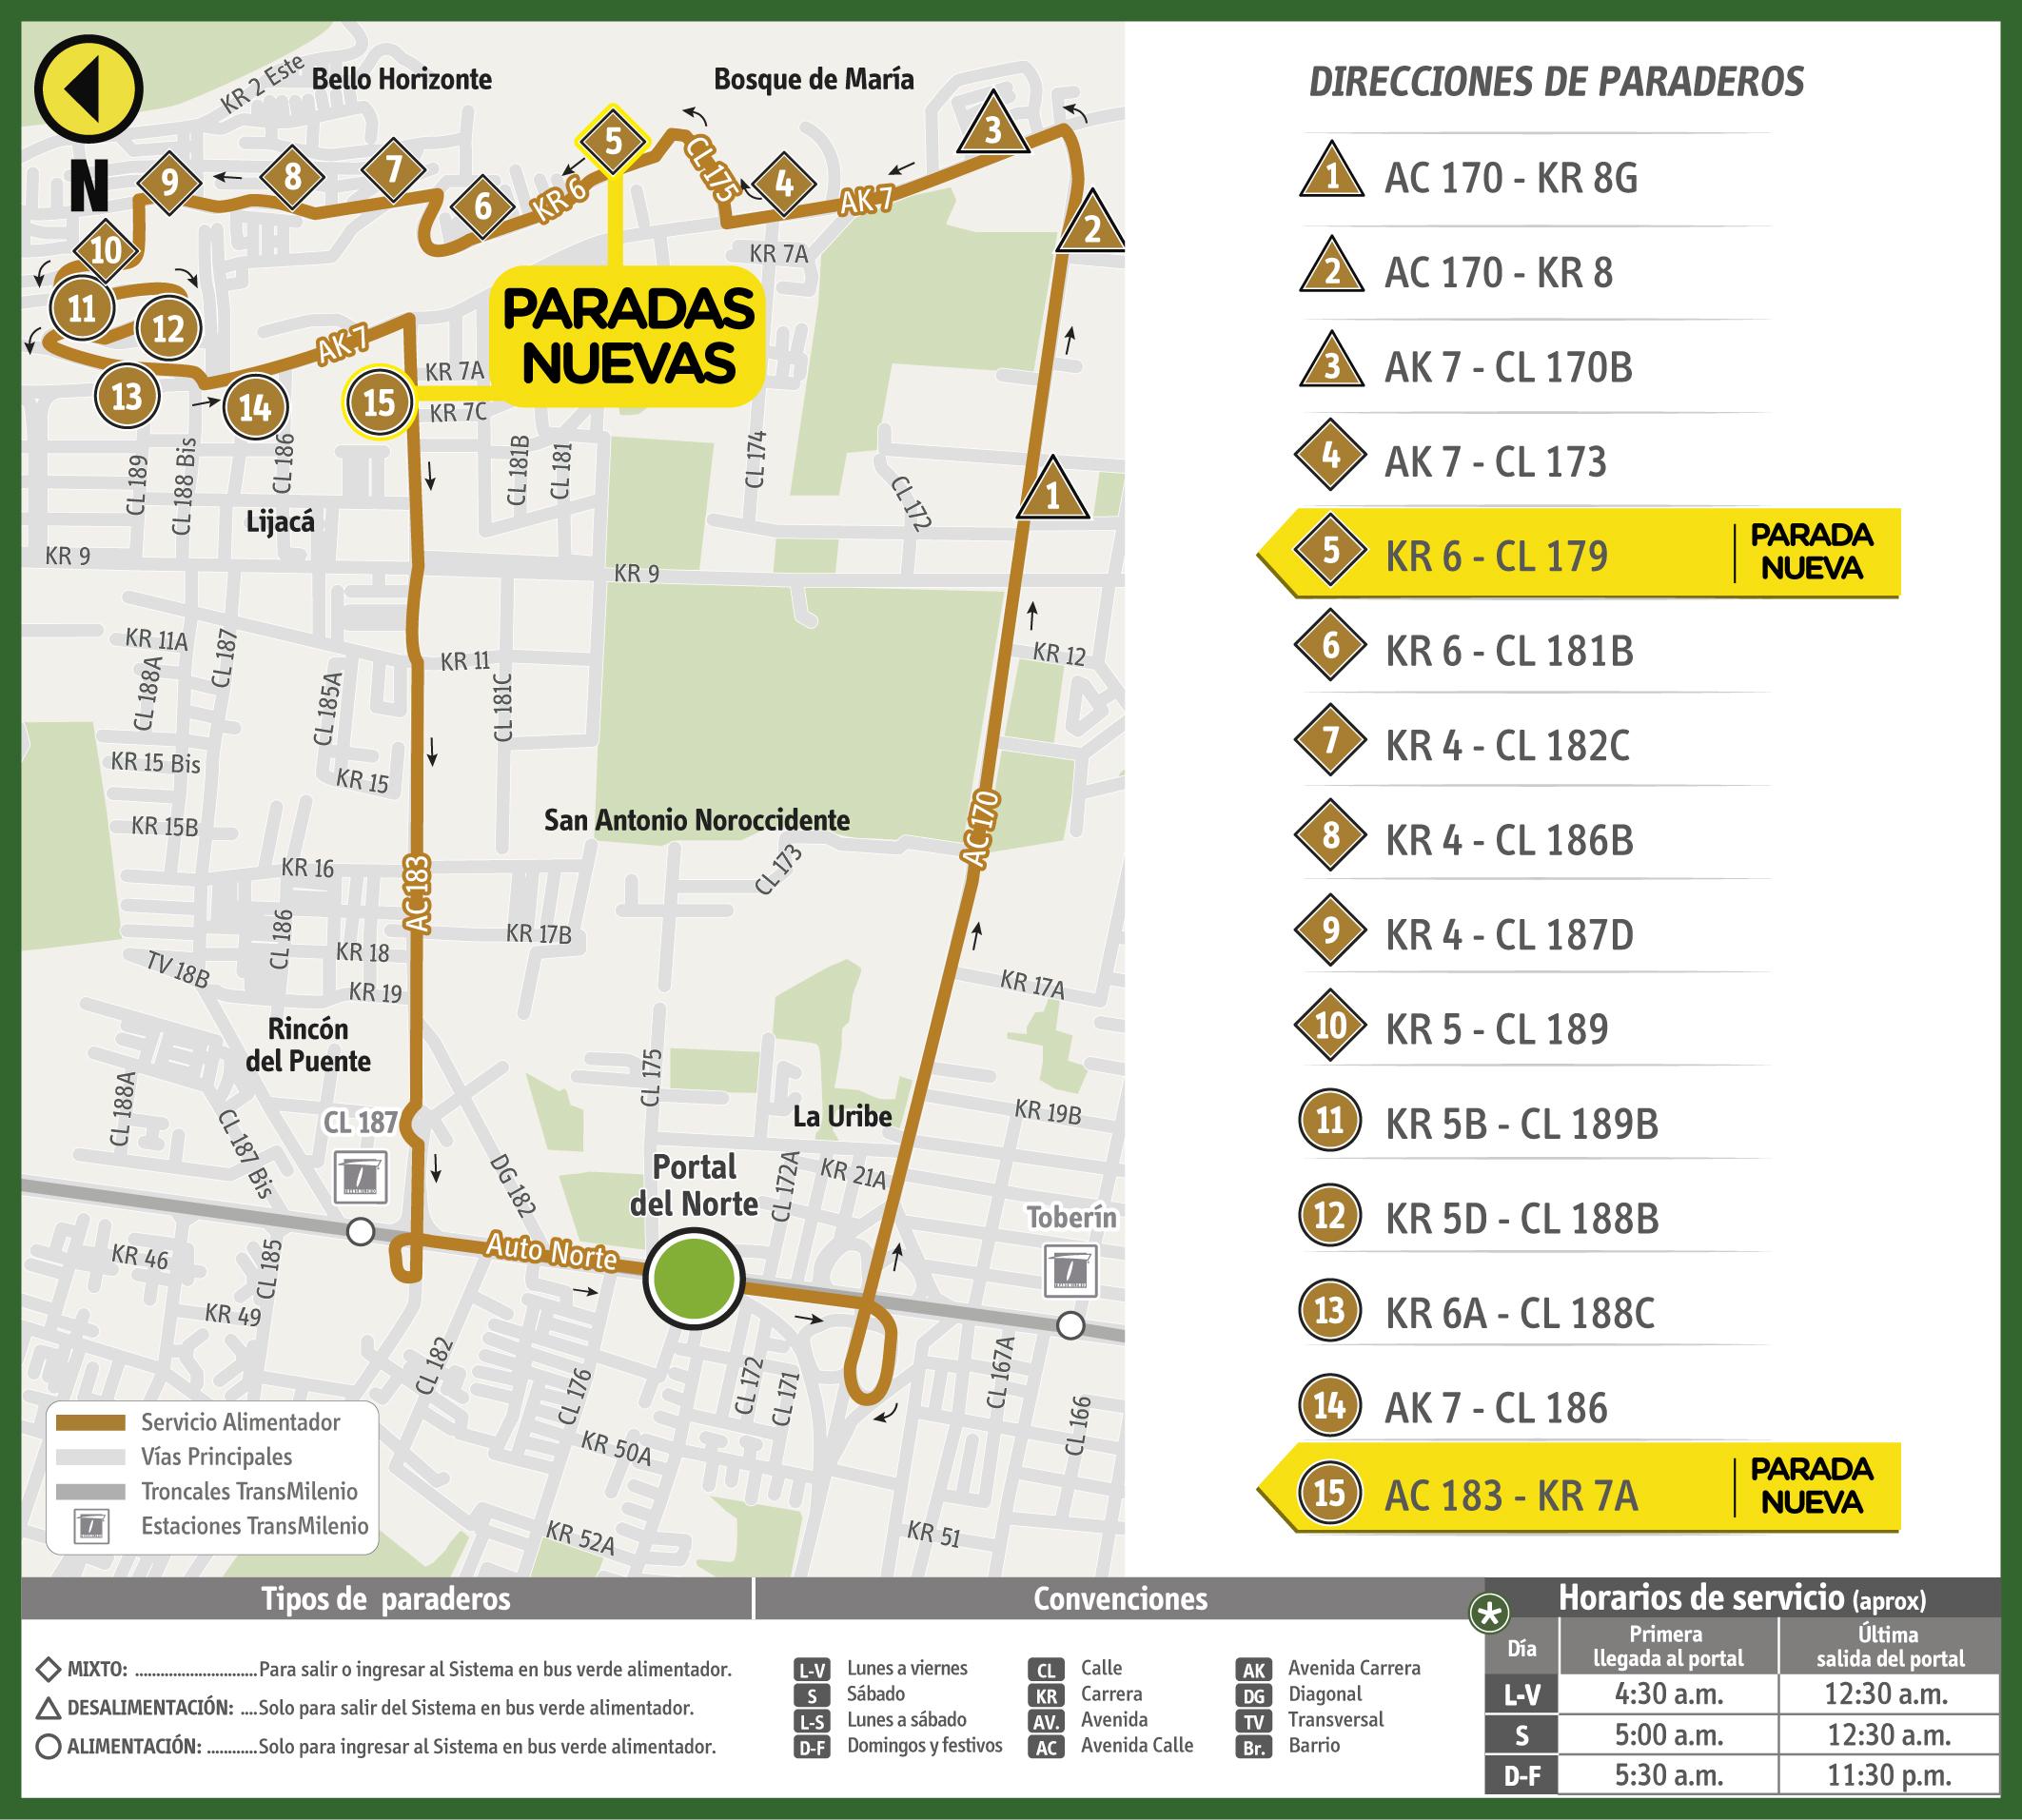 Mapa de la ruta alimentadora 2-4 con el cambio operacional